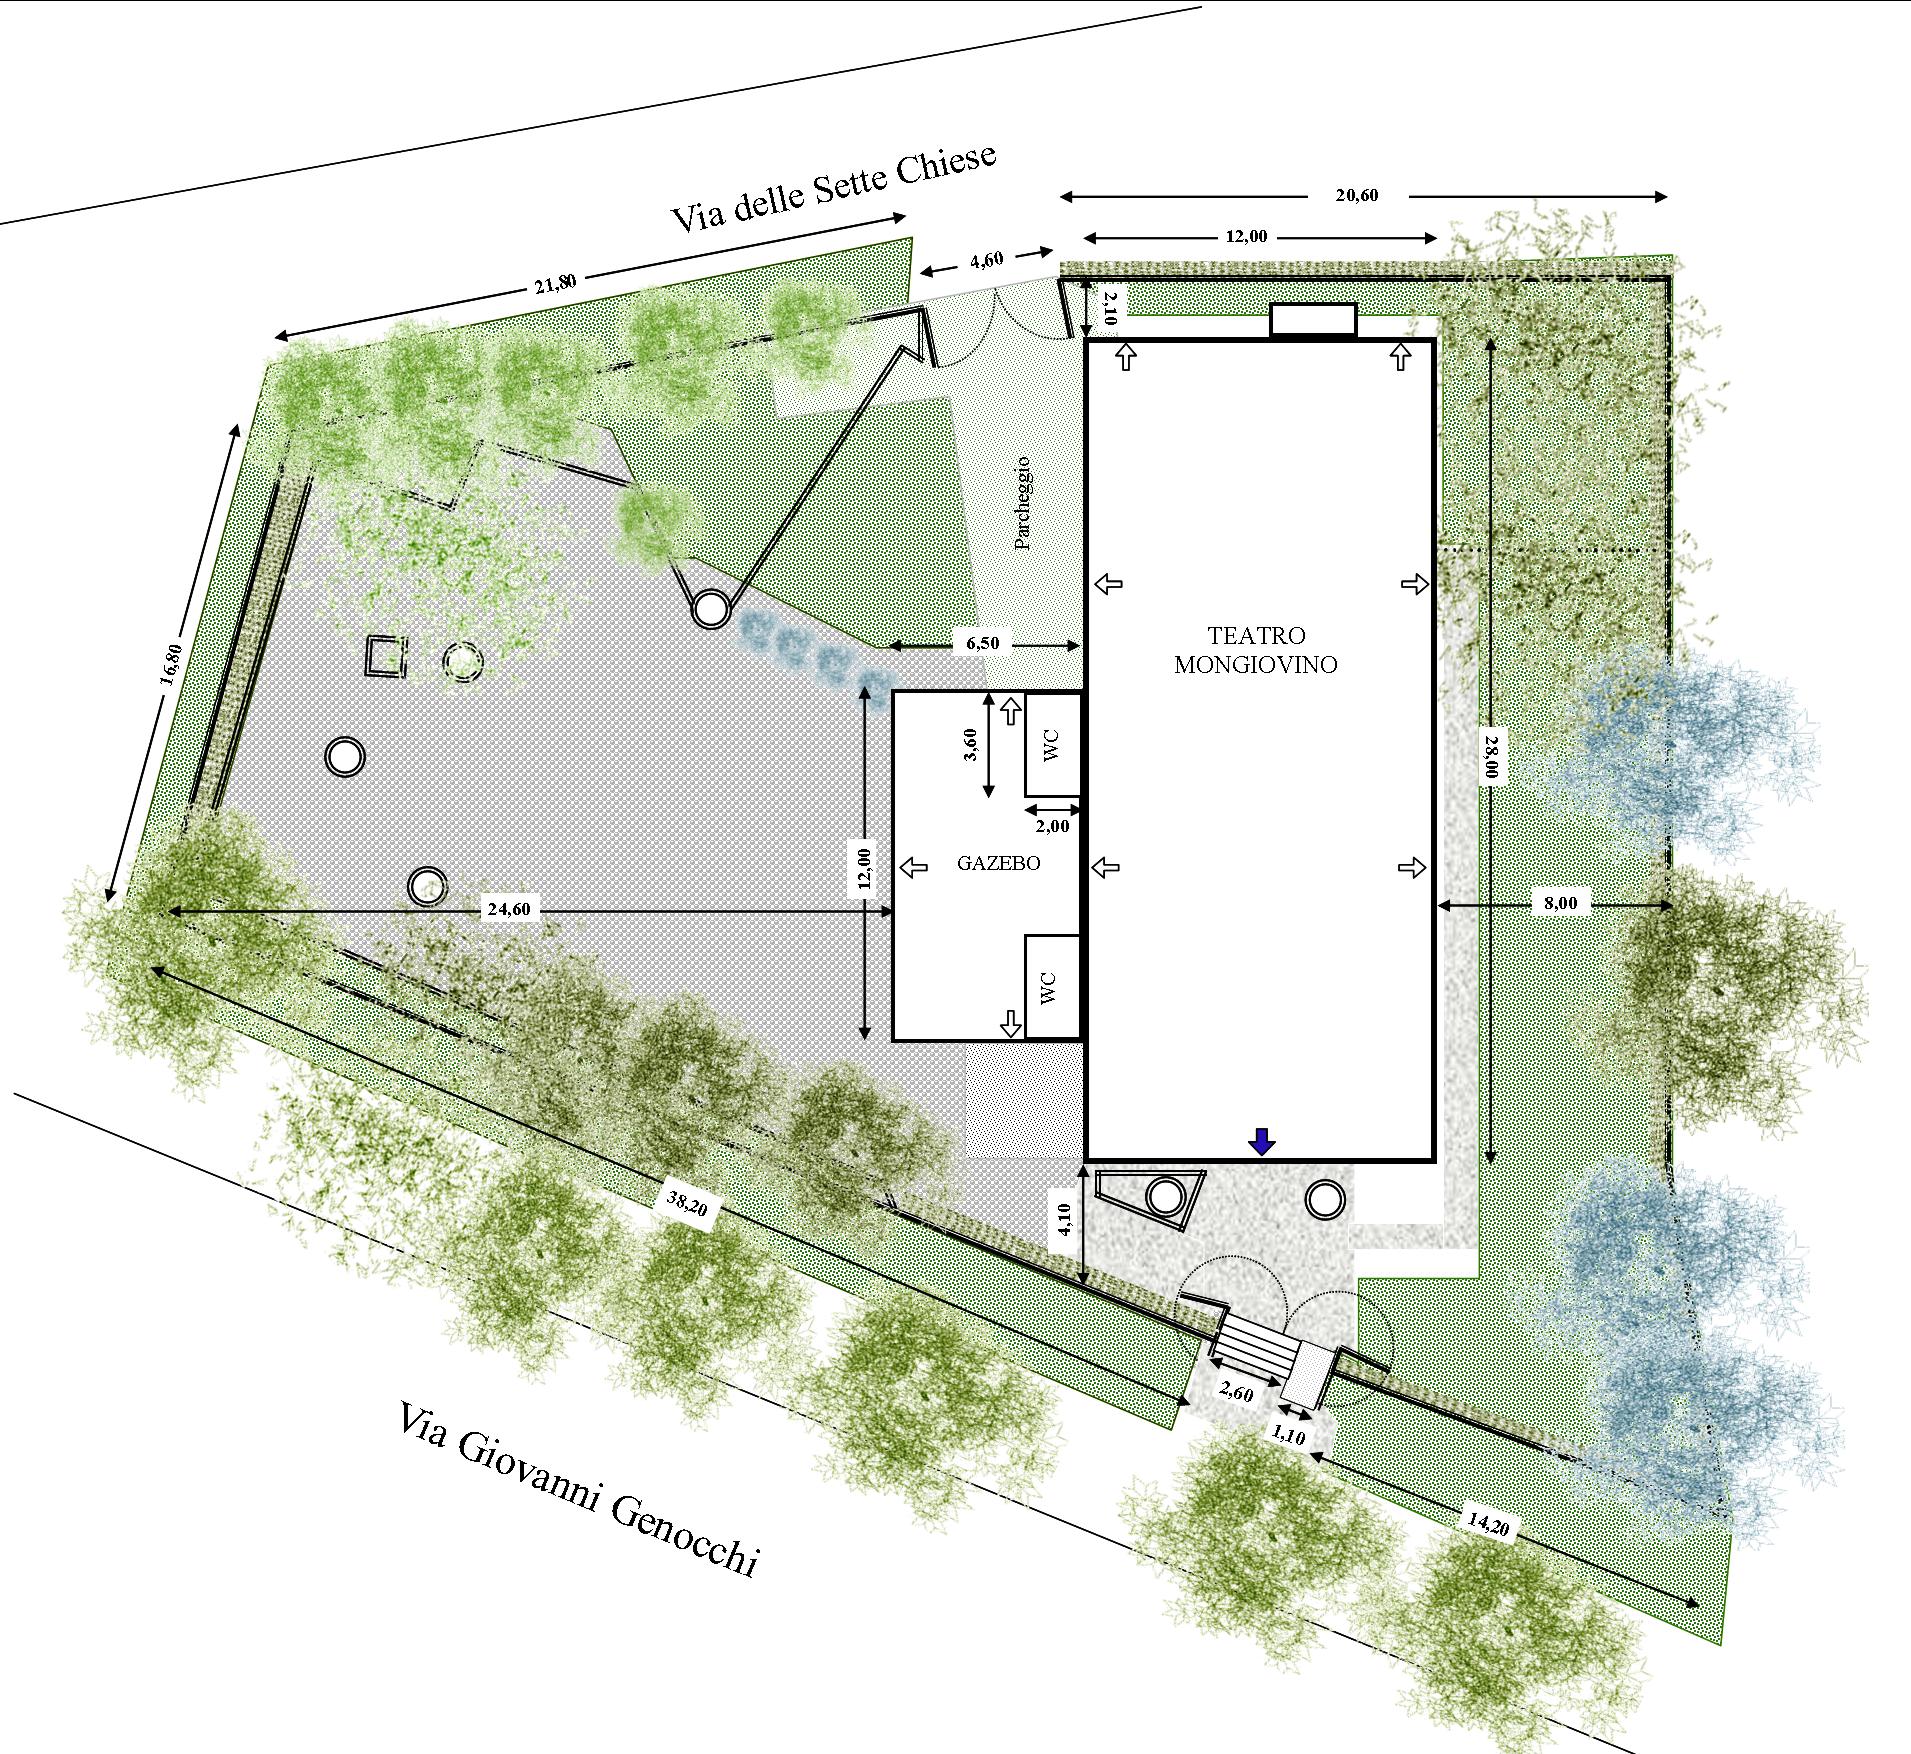 planimetria teatro-giardino